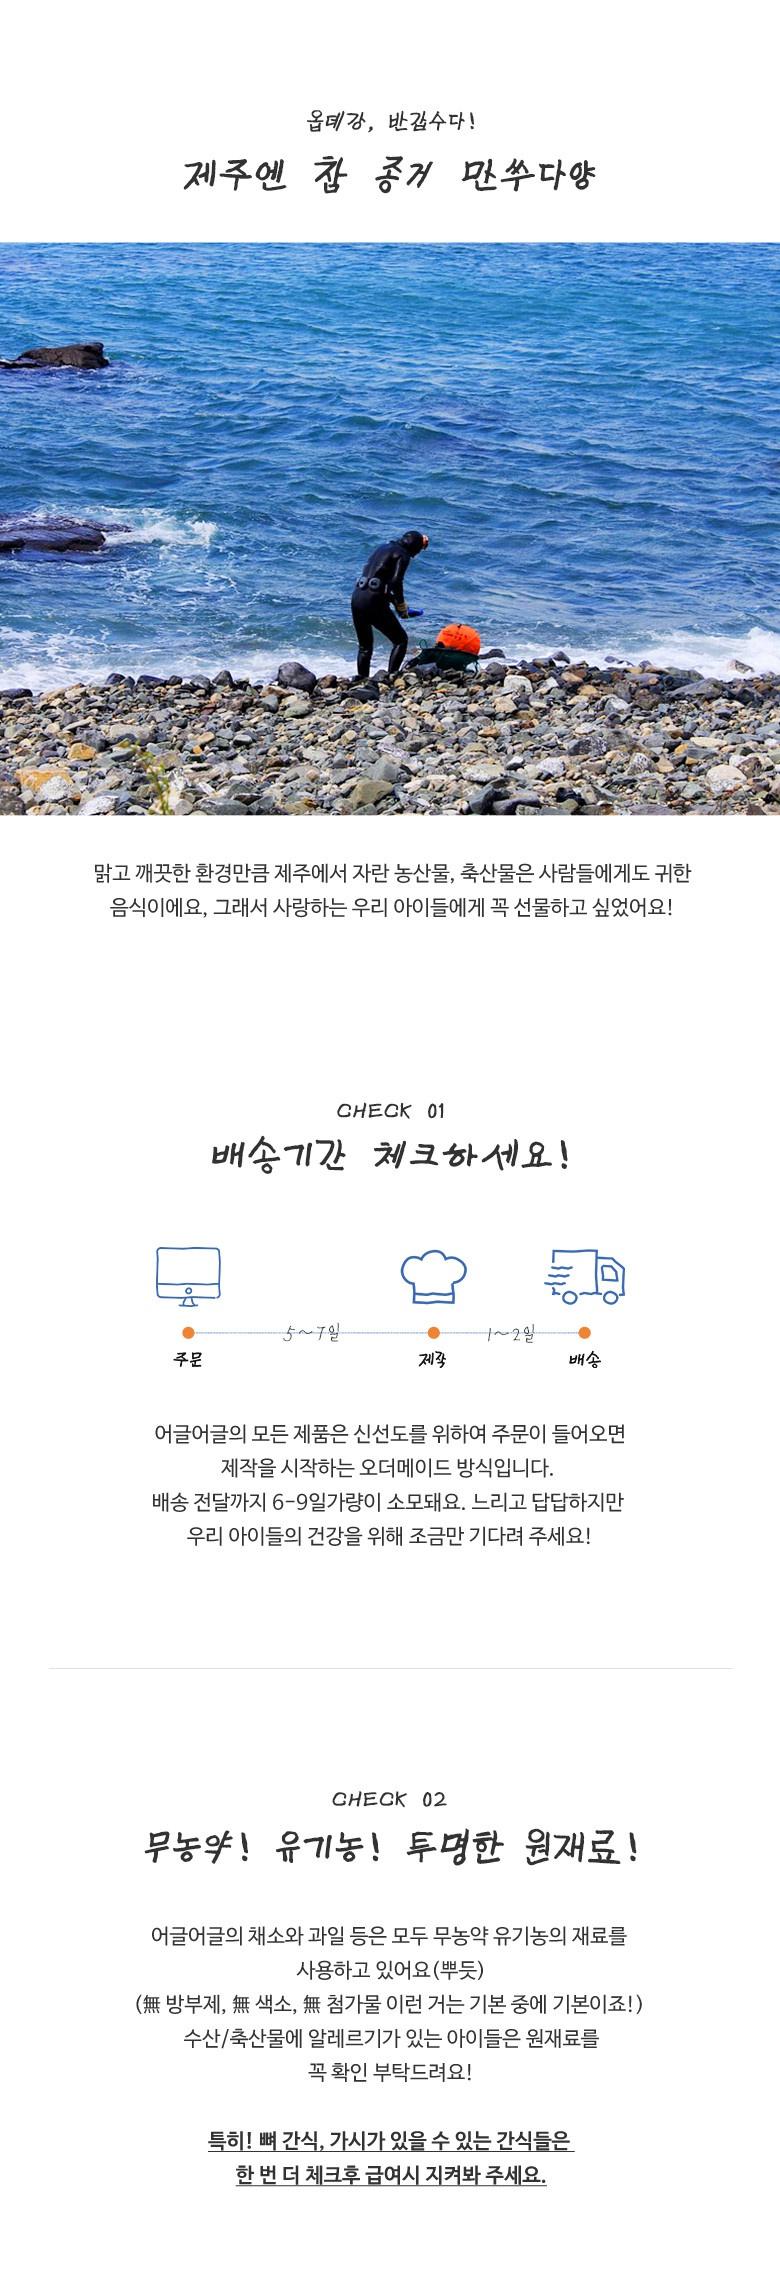 [유통기한 21년07월29일] 어글어글 제주 친환경 야채 믹스 샐러드 (15g/45g)-상품이미지-0